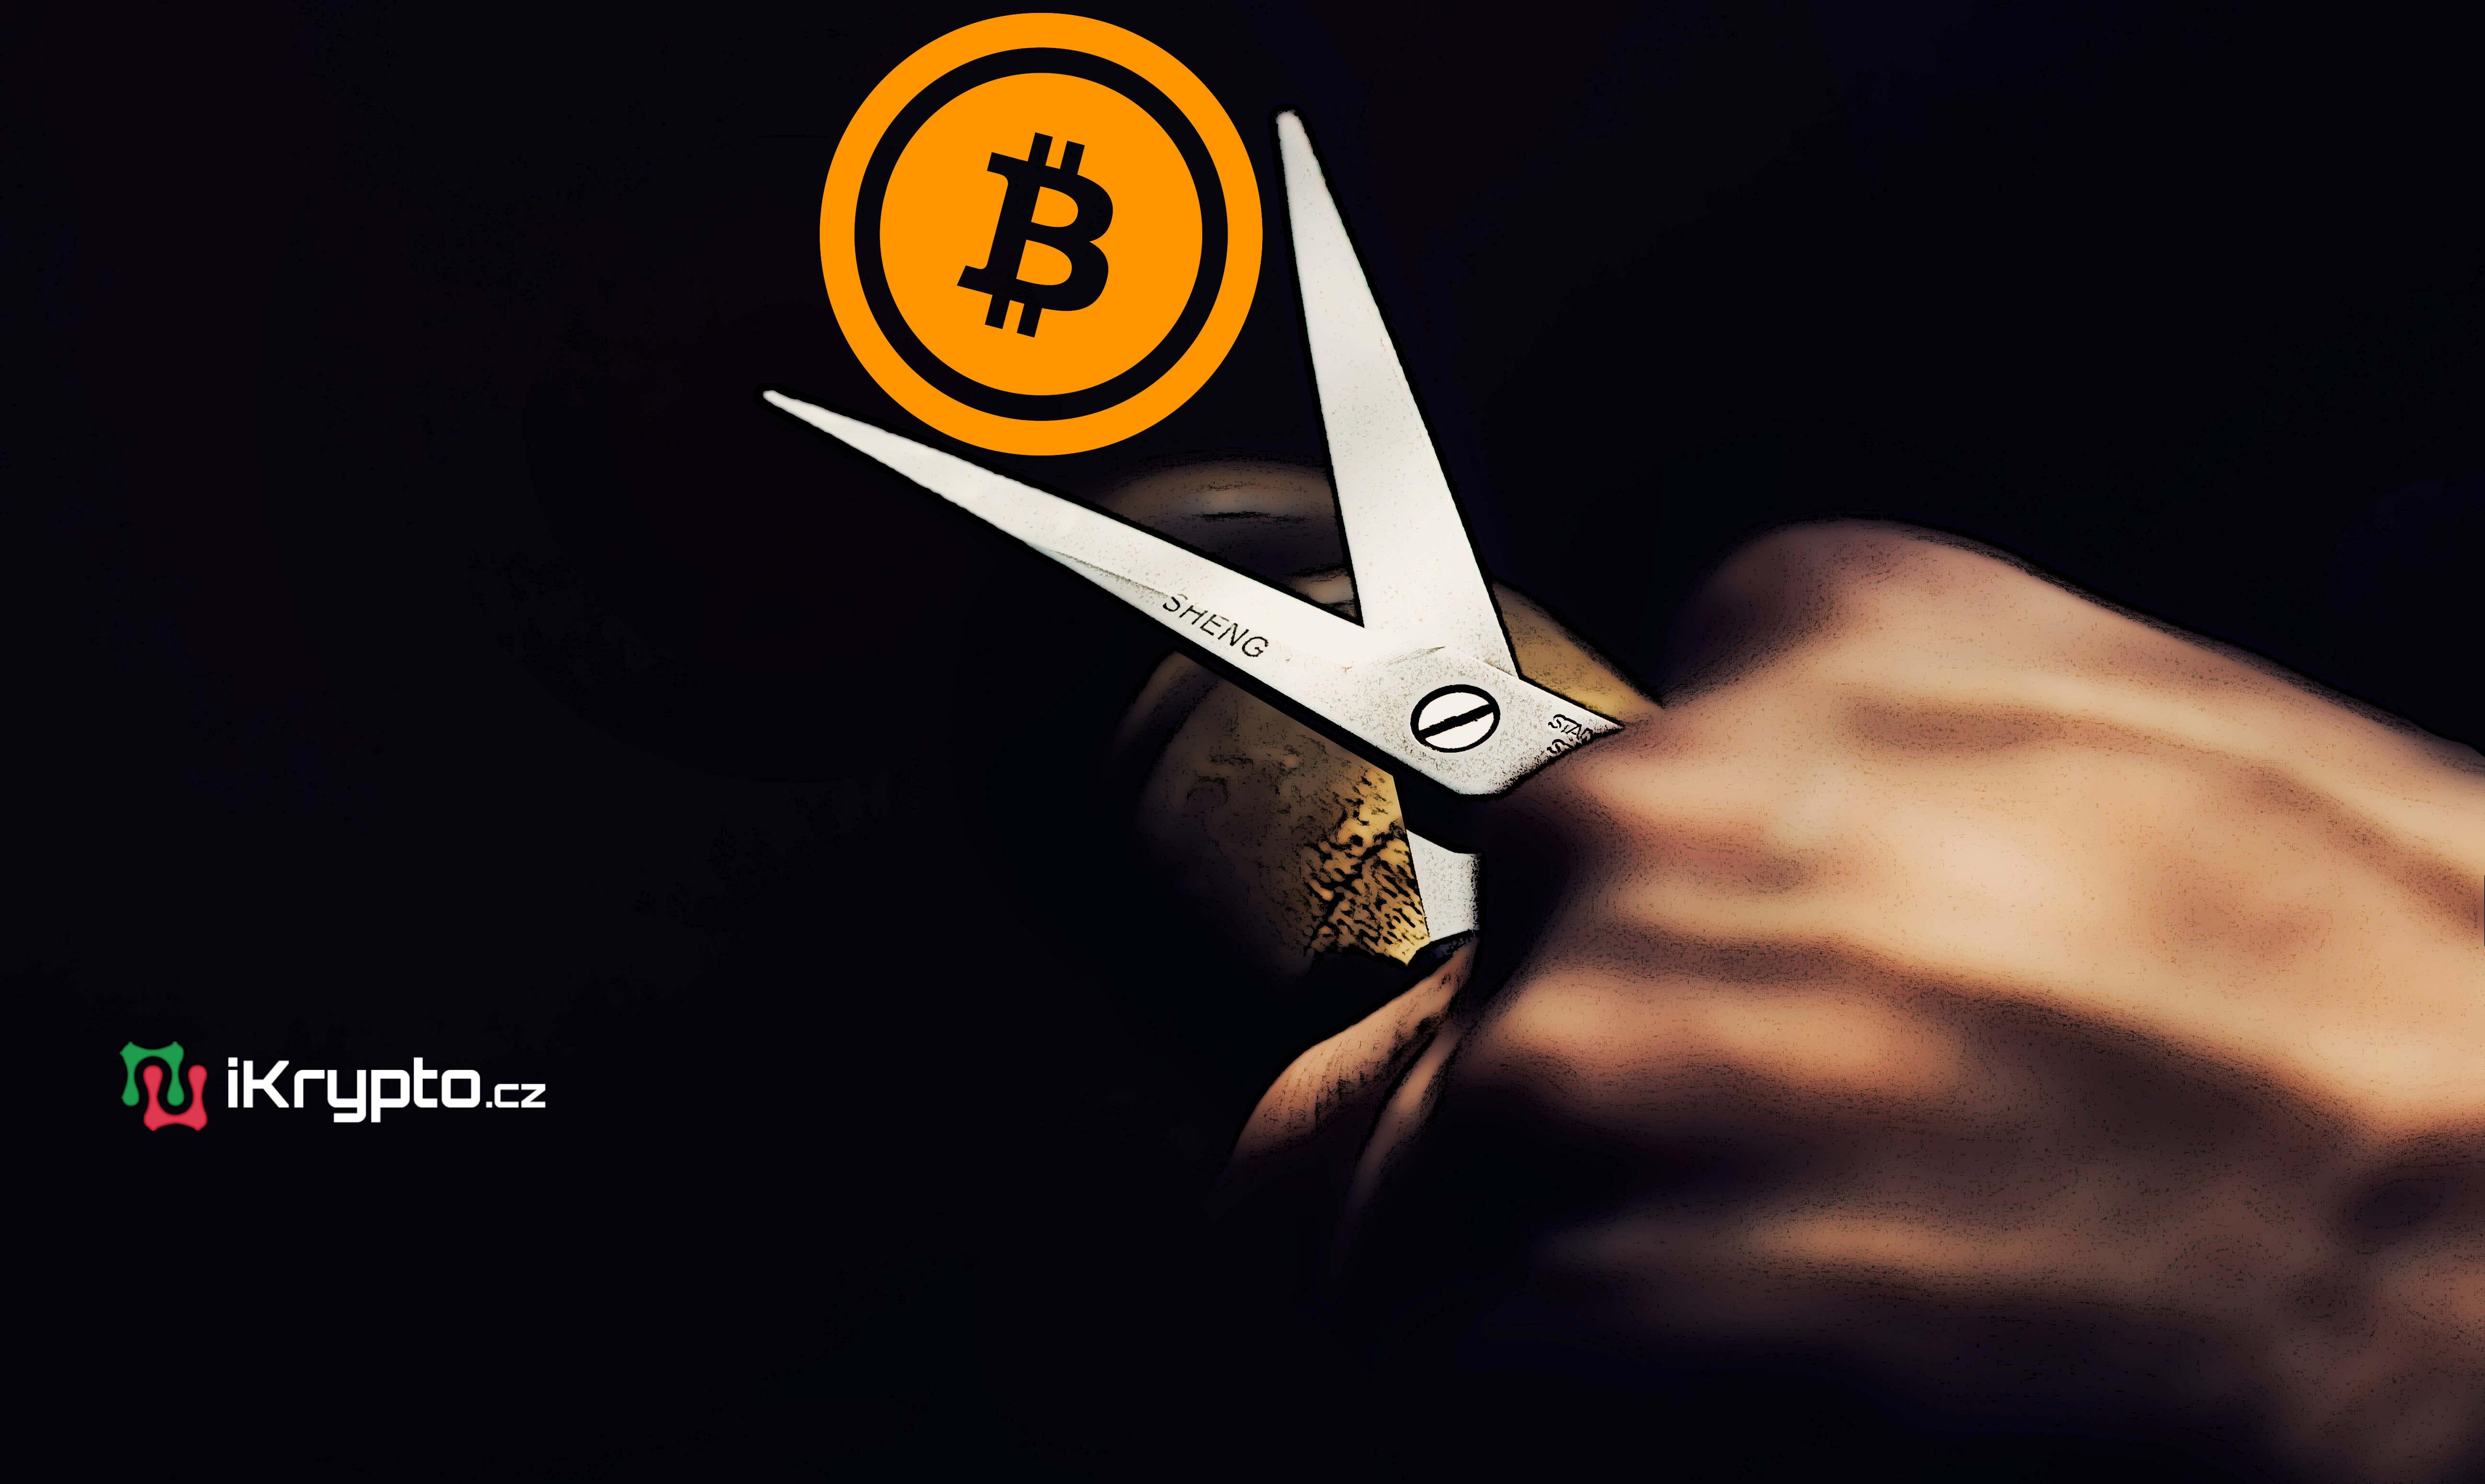 forky kryptomen